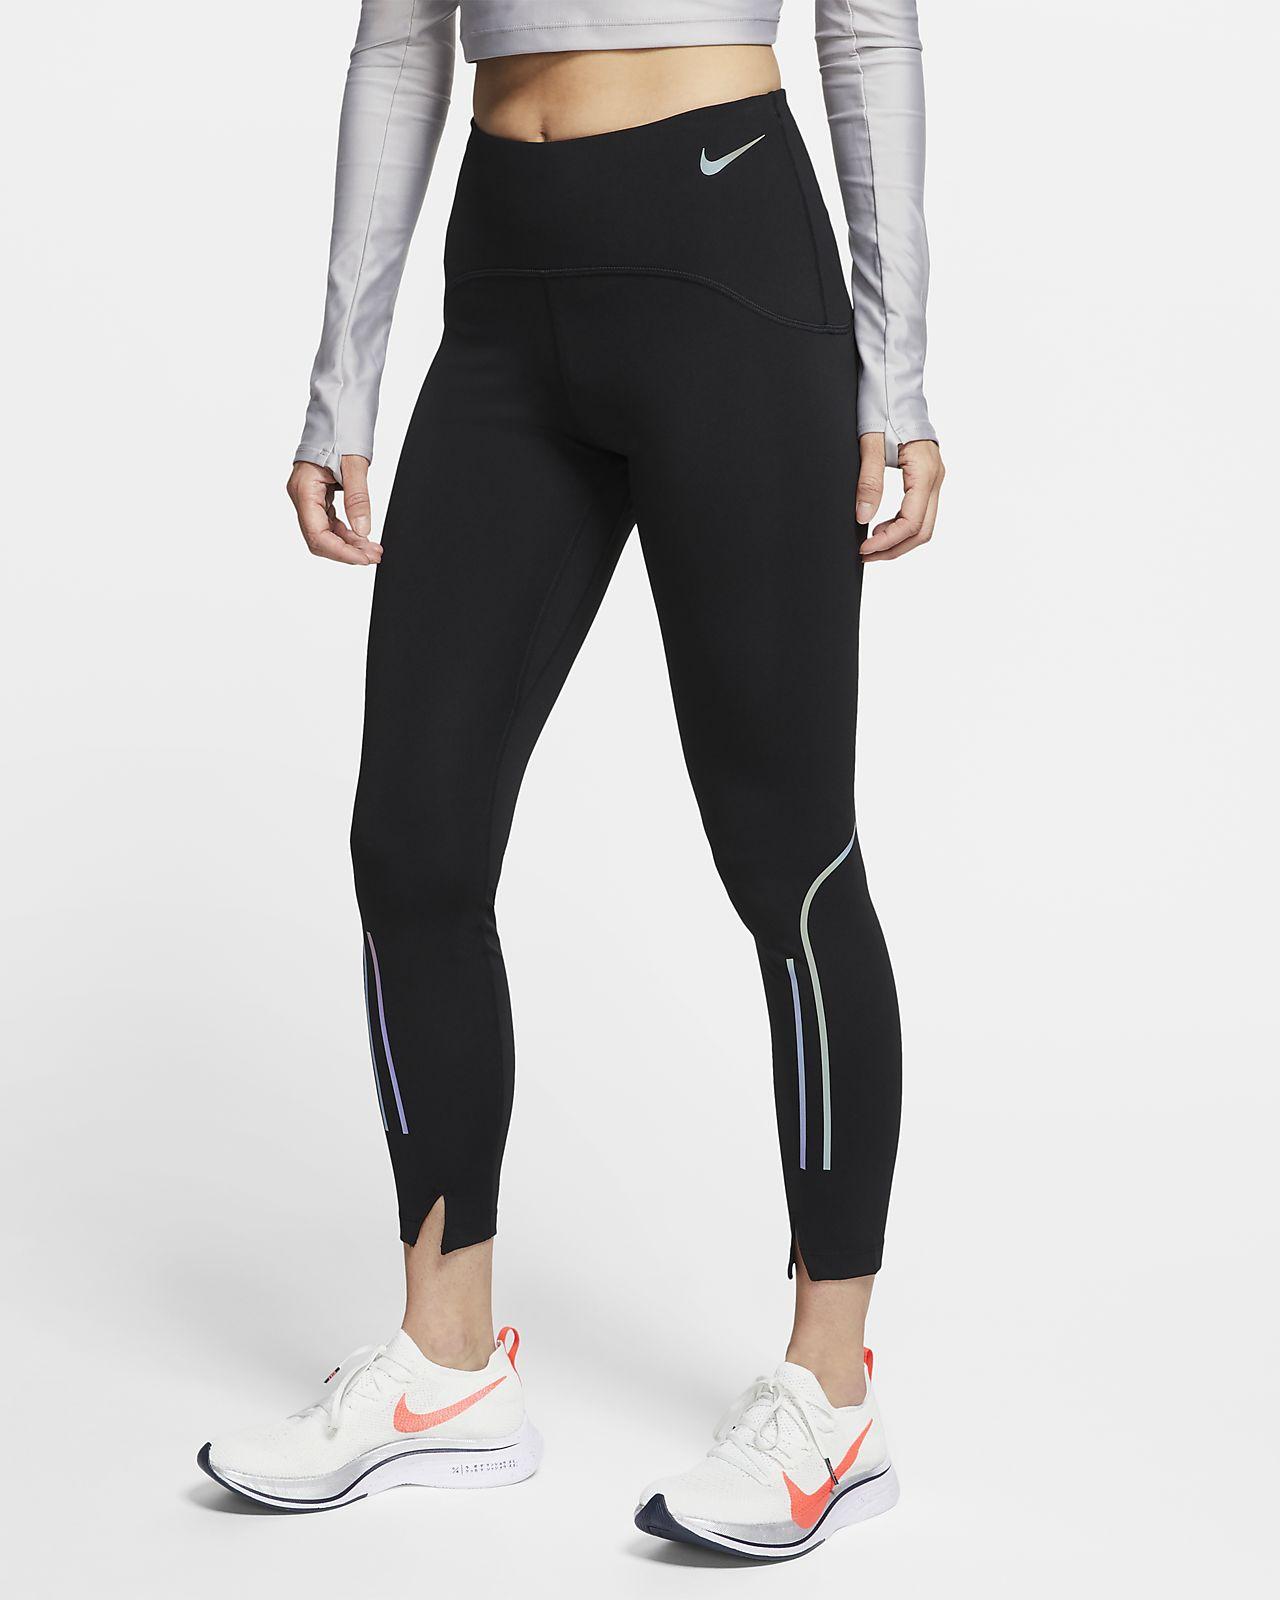 Legging de running 78 Nike Speed pour Femme